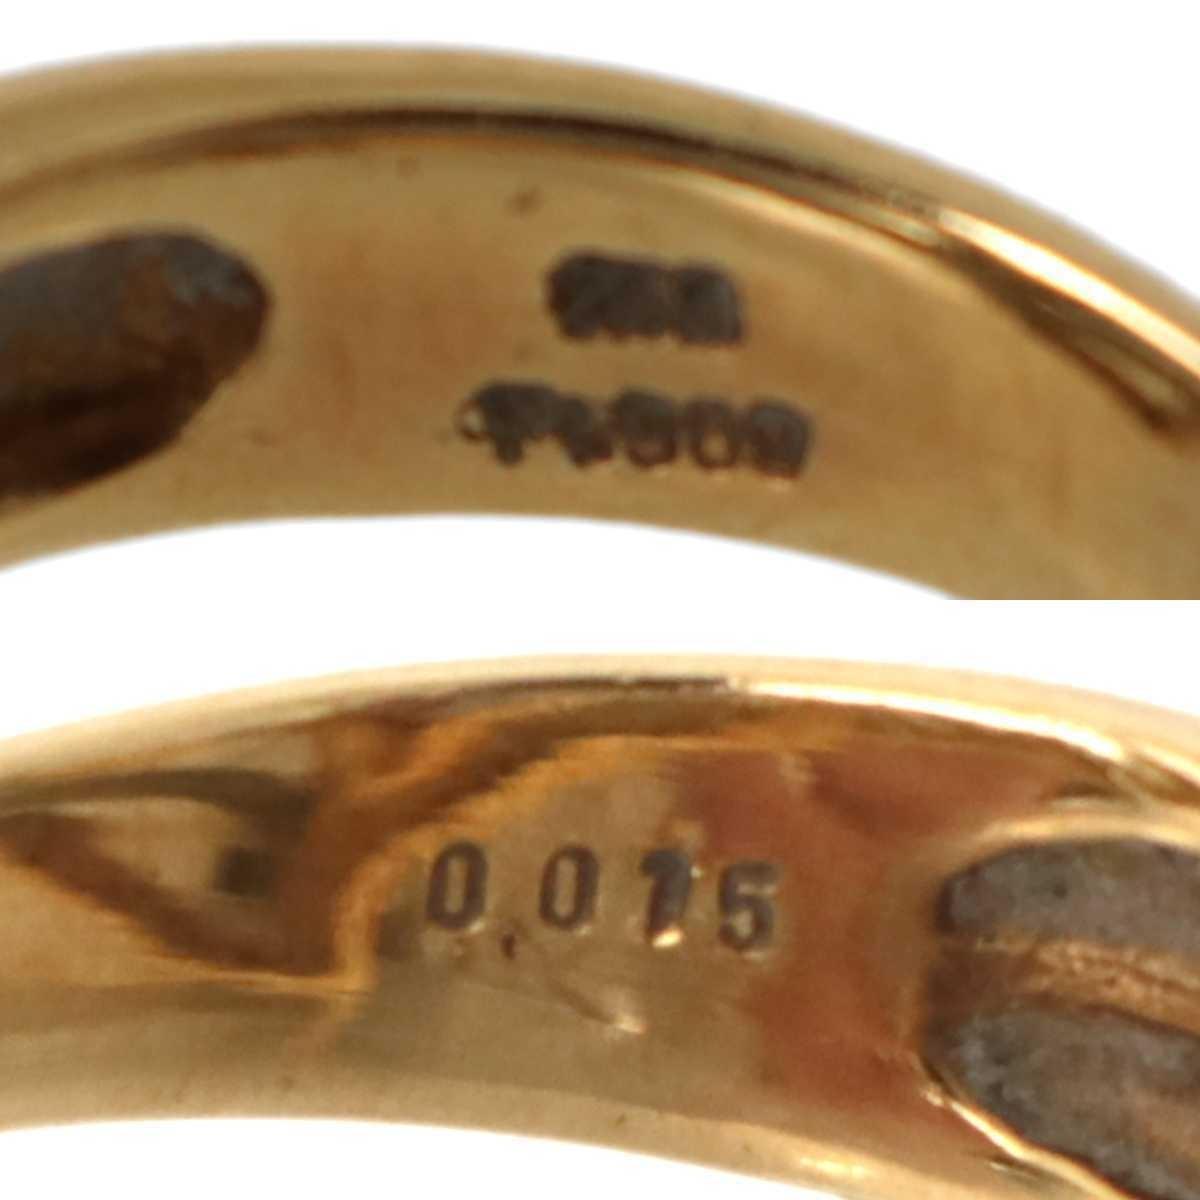 金プラチナコンビ ハートデザインリング 指輪 K18YG×Pt900×ダイヤモンド 0.015ct 13号 重量約6.5g NT_画像7